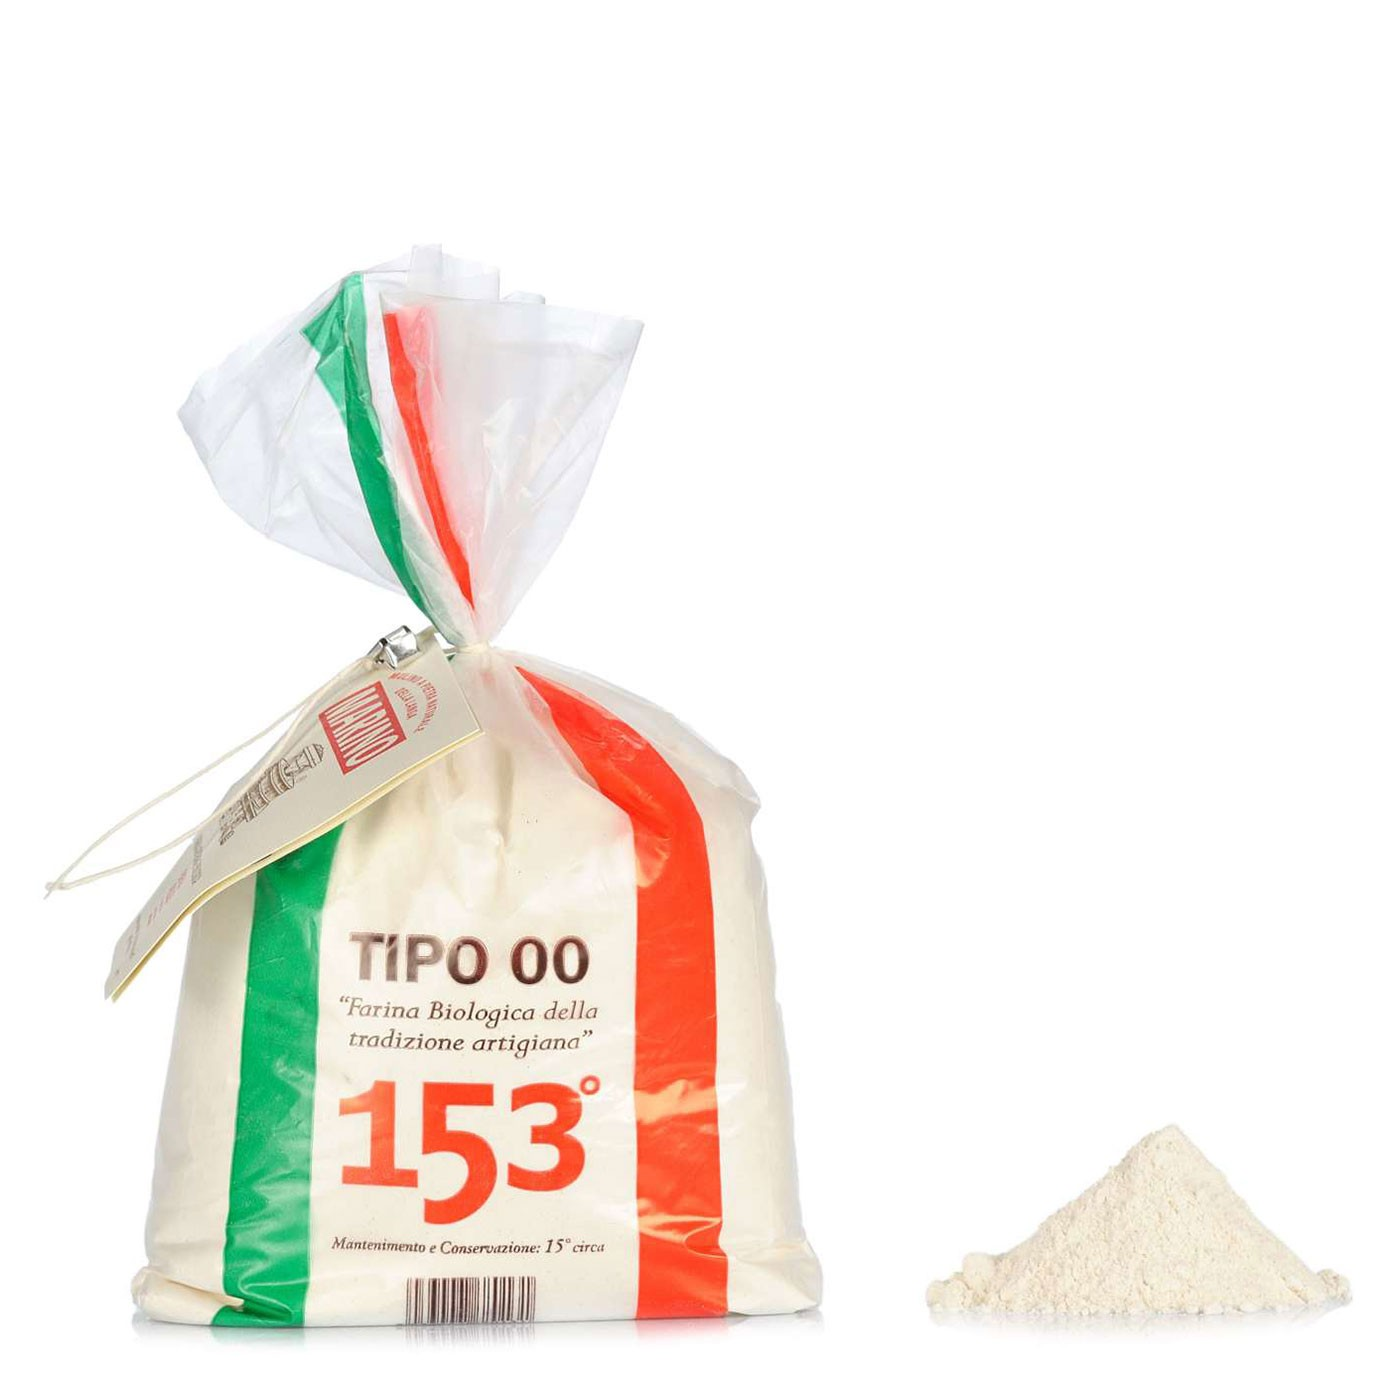 Organic Type 00 Wheat Flour 35.3 oz